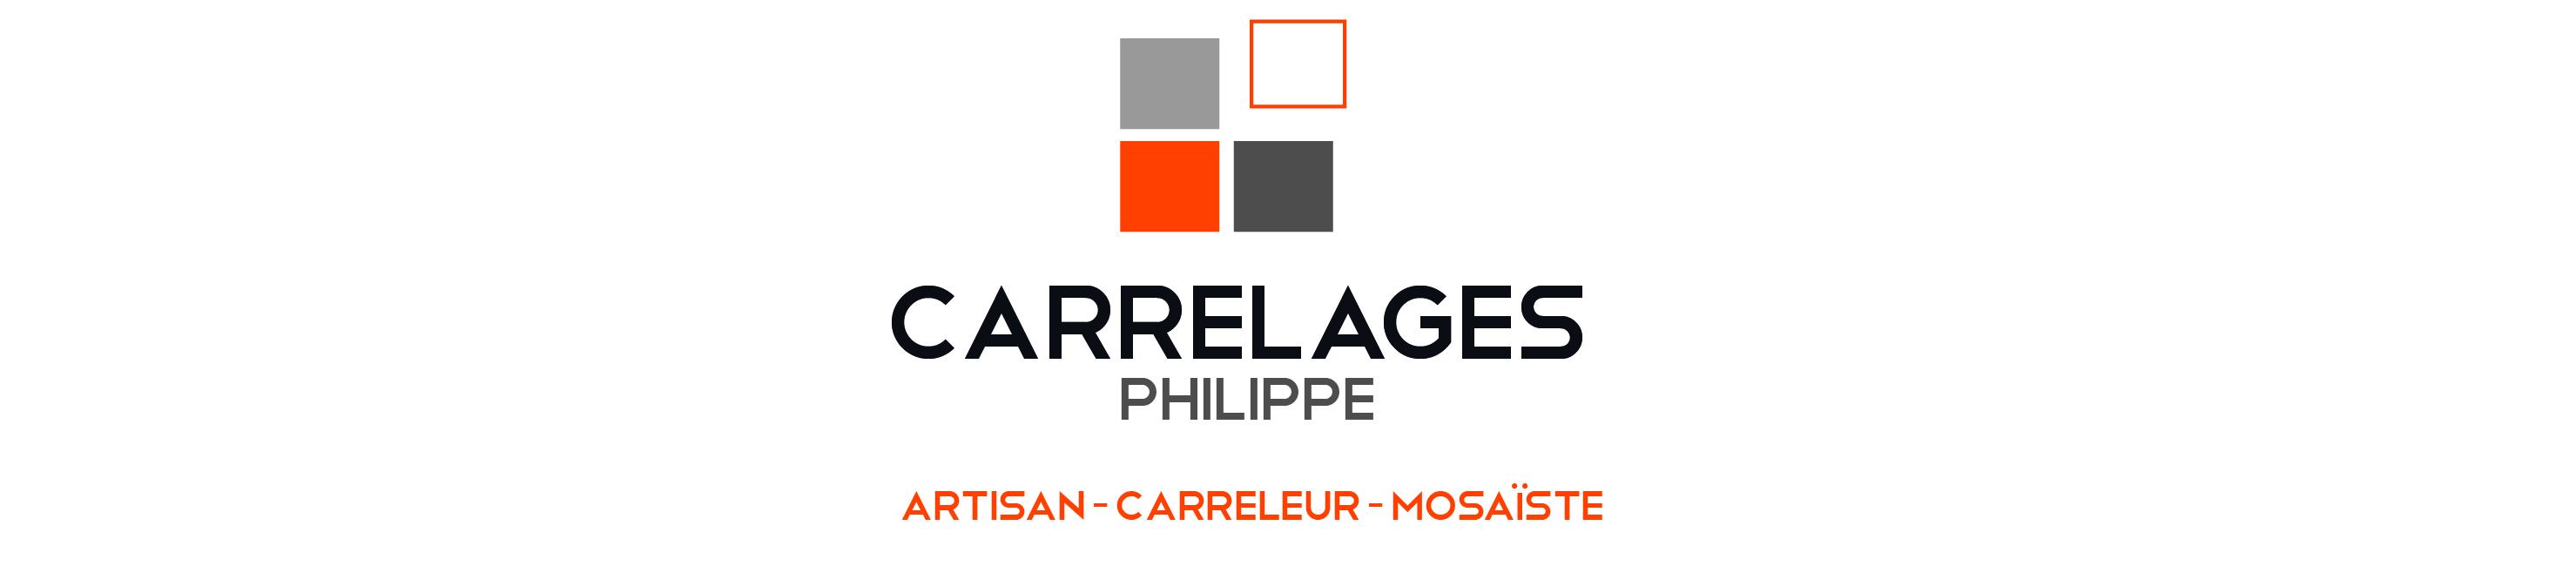 Carrelages Philippe